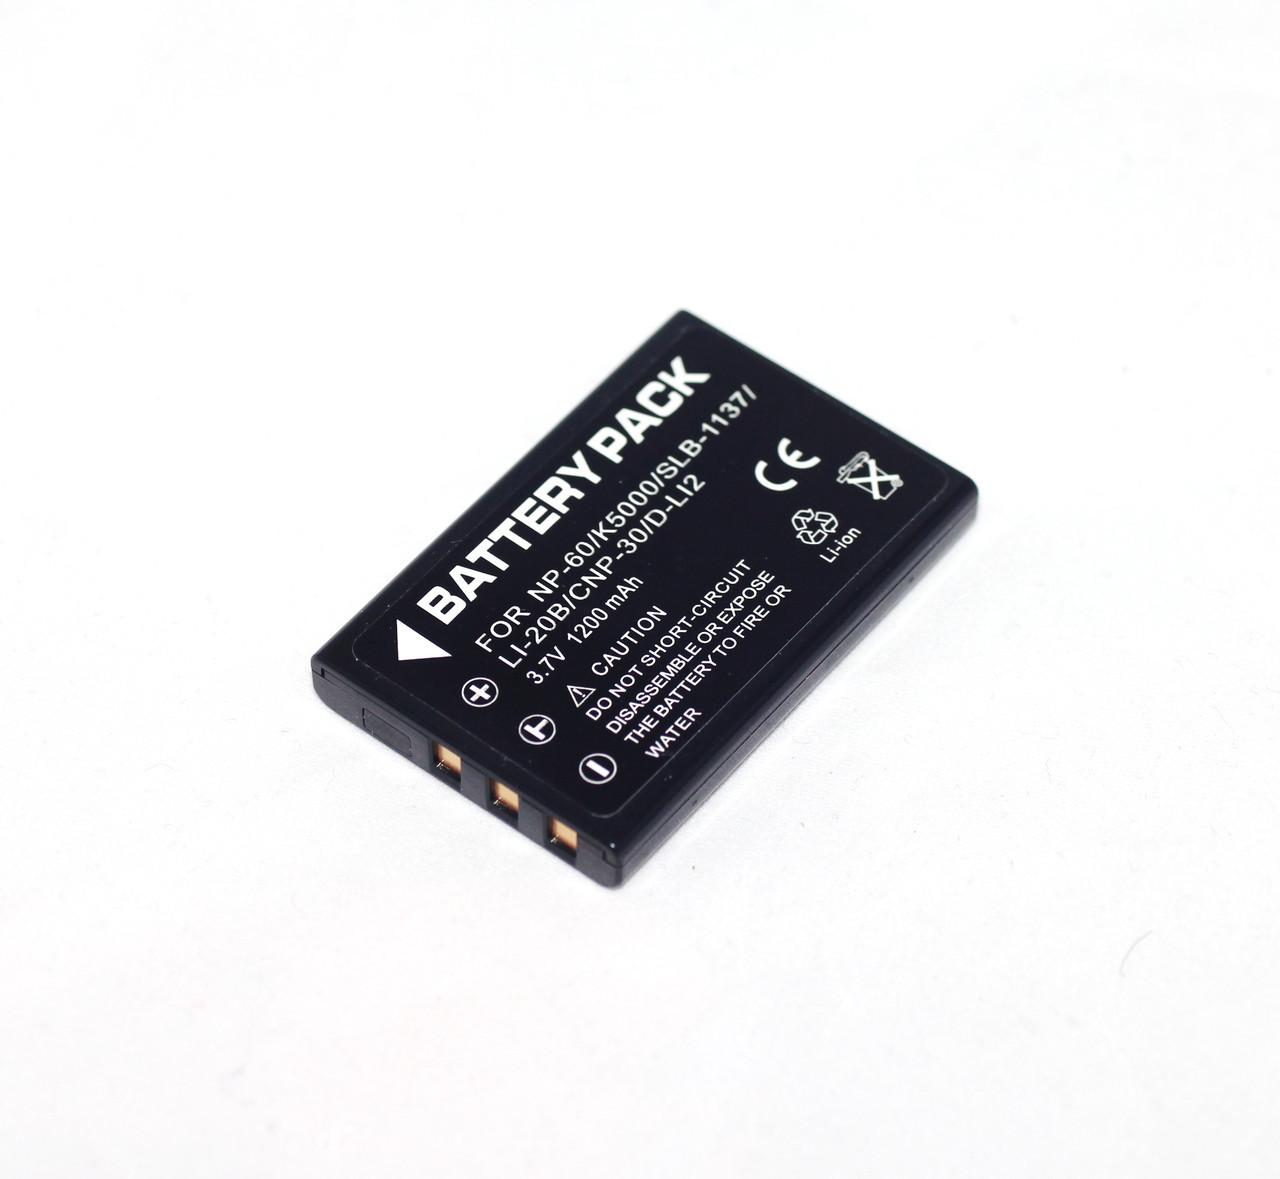 Акумулятор для камер CASIO - NP-30 (Li-20B, KLIC-5000, LI-20B, D-L12, NP-60) - аналог на 1200 ма